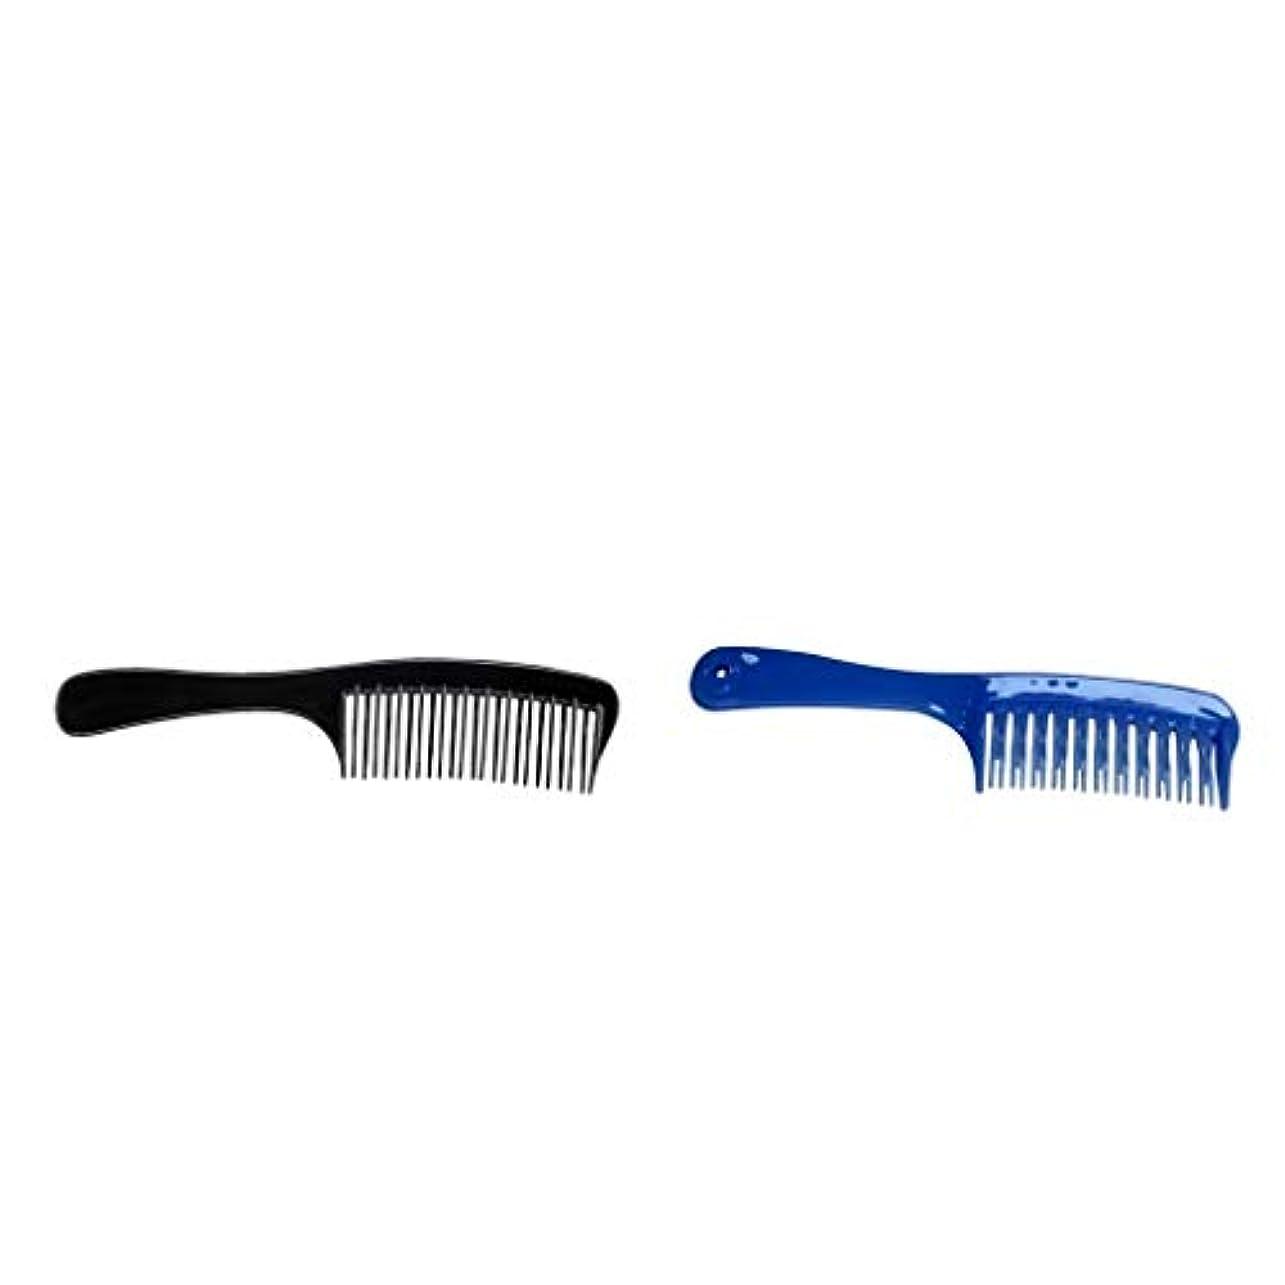 許可リンス有限くし コーム 櫛 オックスホーンくし 頭皮マッサージ櫛 プラスチック 細かい歯 血行促進 静電気防止